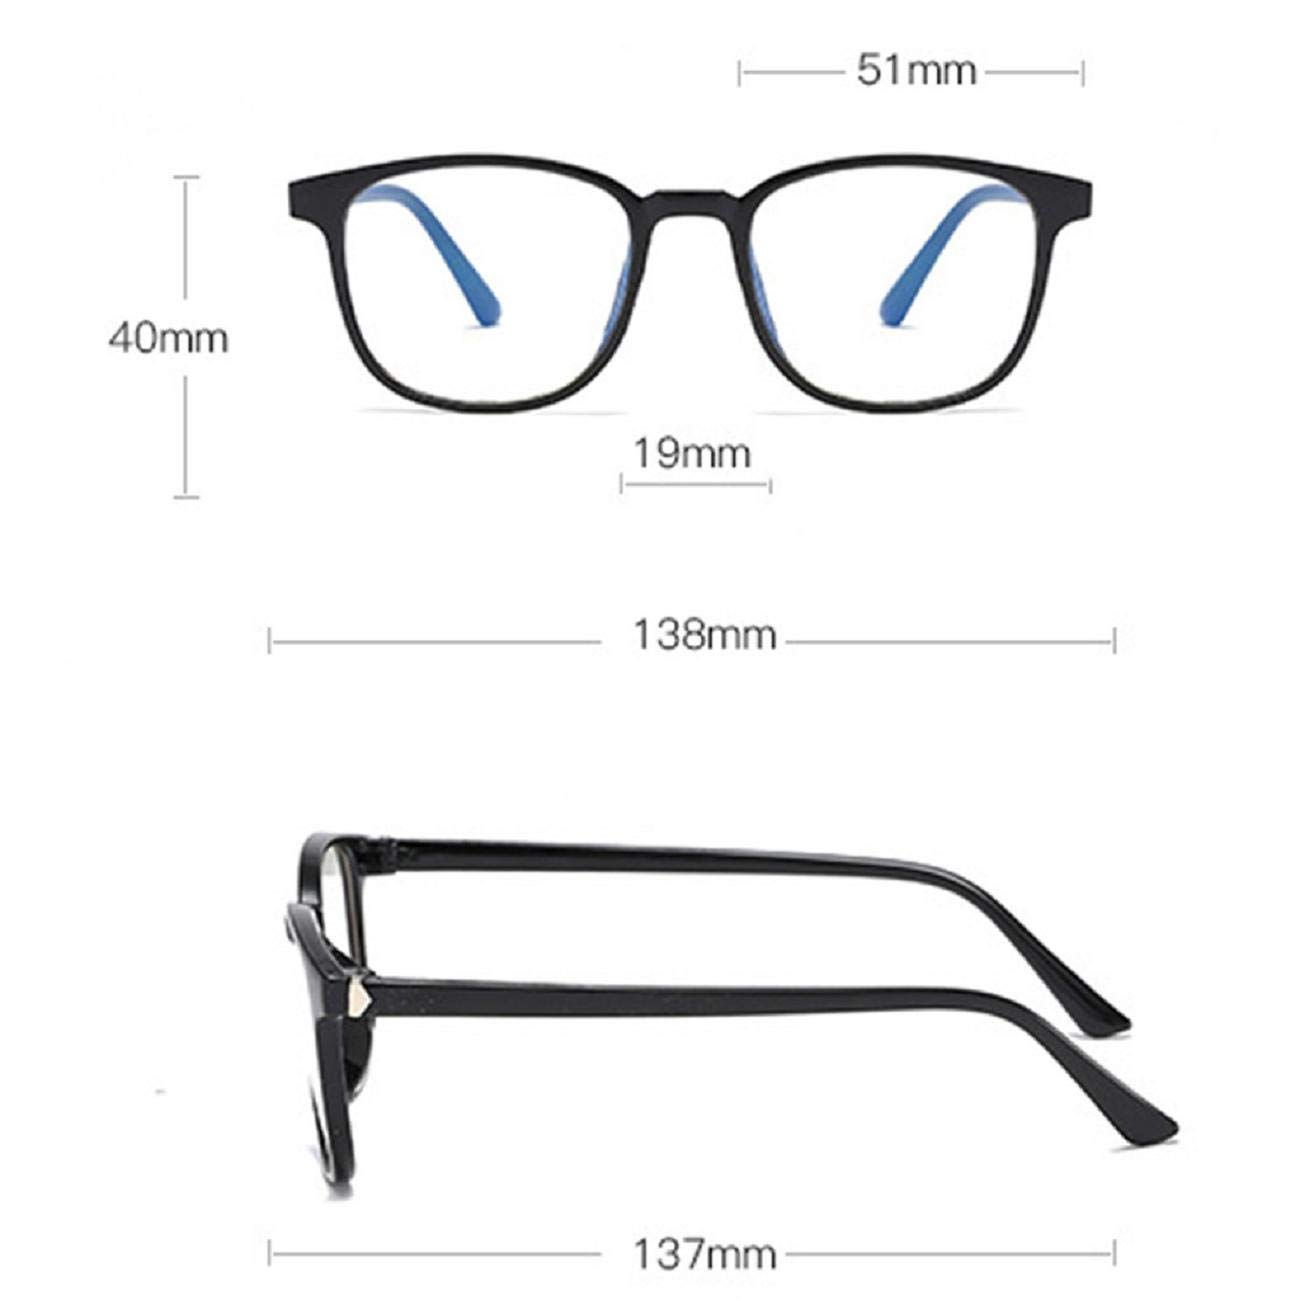 Unisex Donn Uomini Stile Designer Koojawind/Occhiali da Vista a Luce Blu Occhiali da Vista a Nerd Quadrati Occhiali da Vista Anti Blu a Raggio Leggere Leggerezza a Prova di Occhi Anti-Fatica